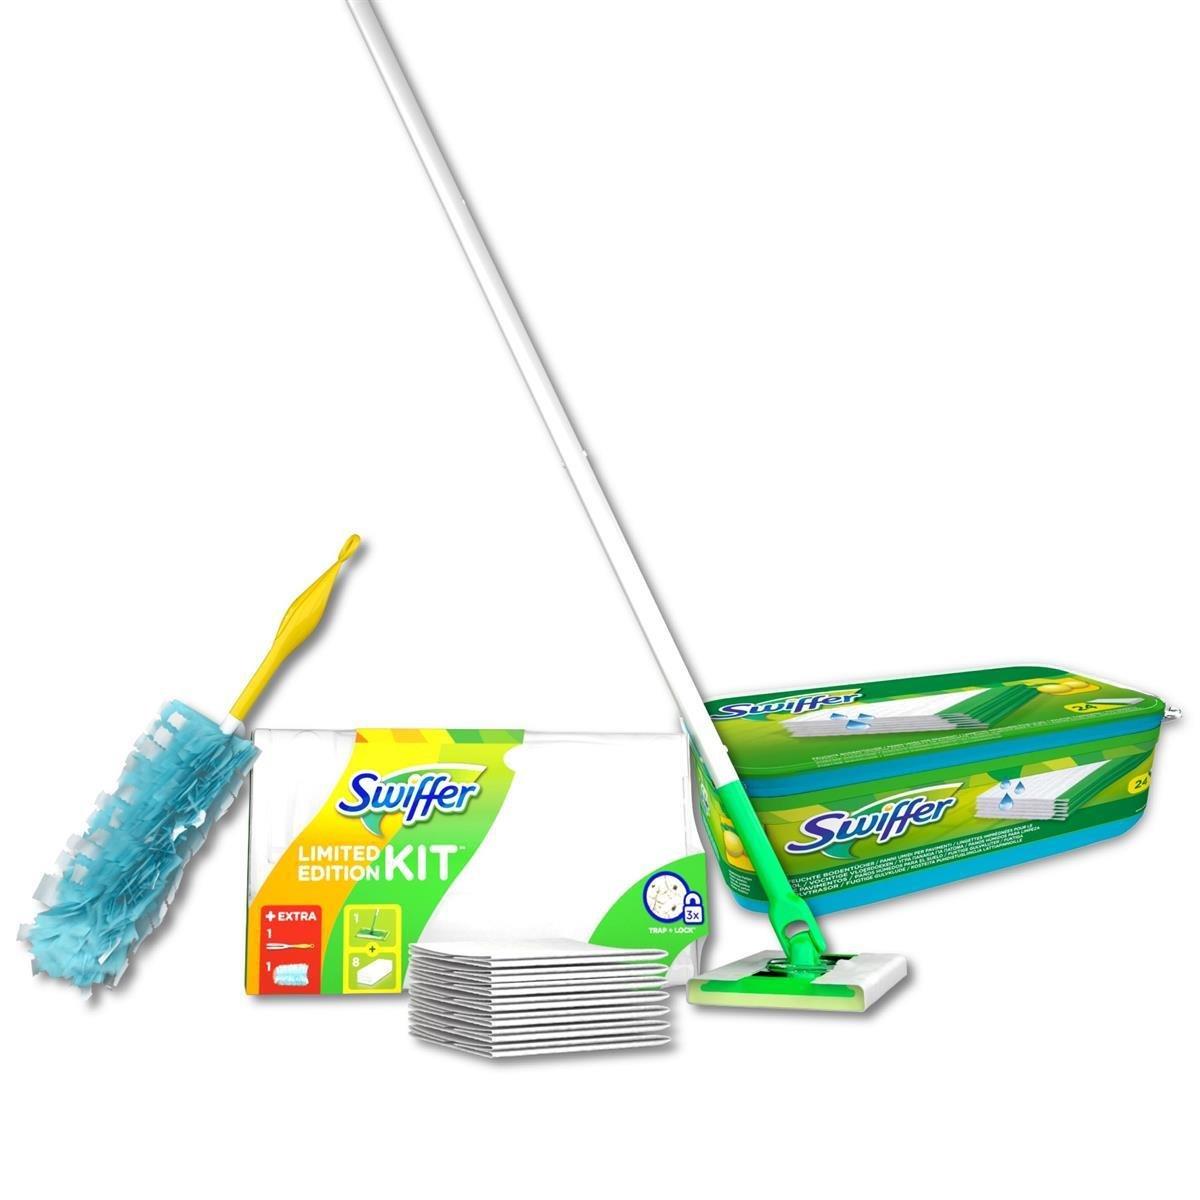 Swiffer - Juego de mopa, 8 gamuzas secas, 24 gamuzas húmedas y un plumero atrapapolvo: Amazon.es: Hogar